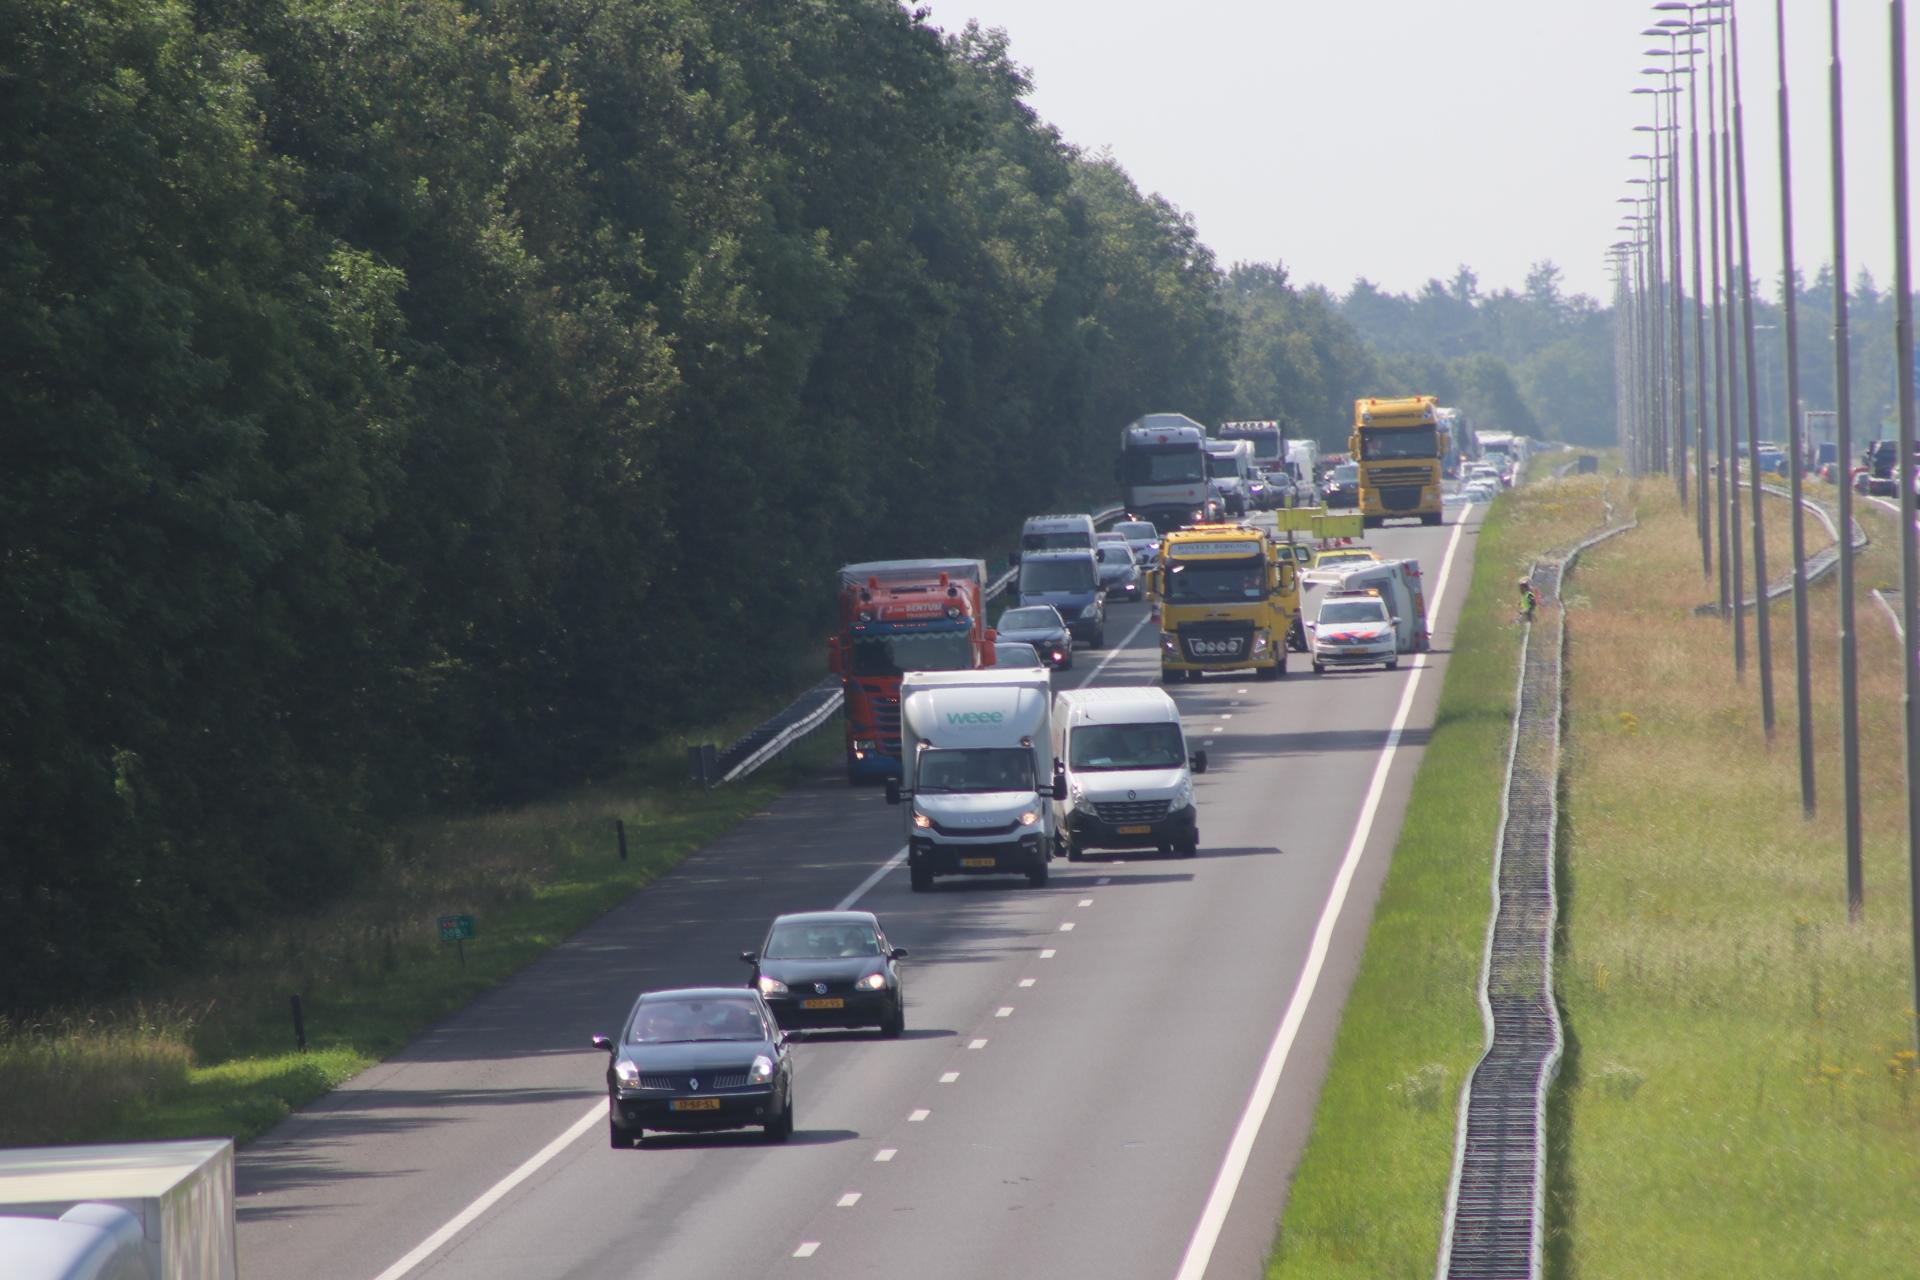 Caravan geschaard op de A50 bij Apeldoorn Noord